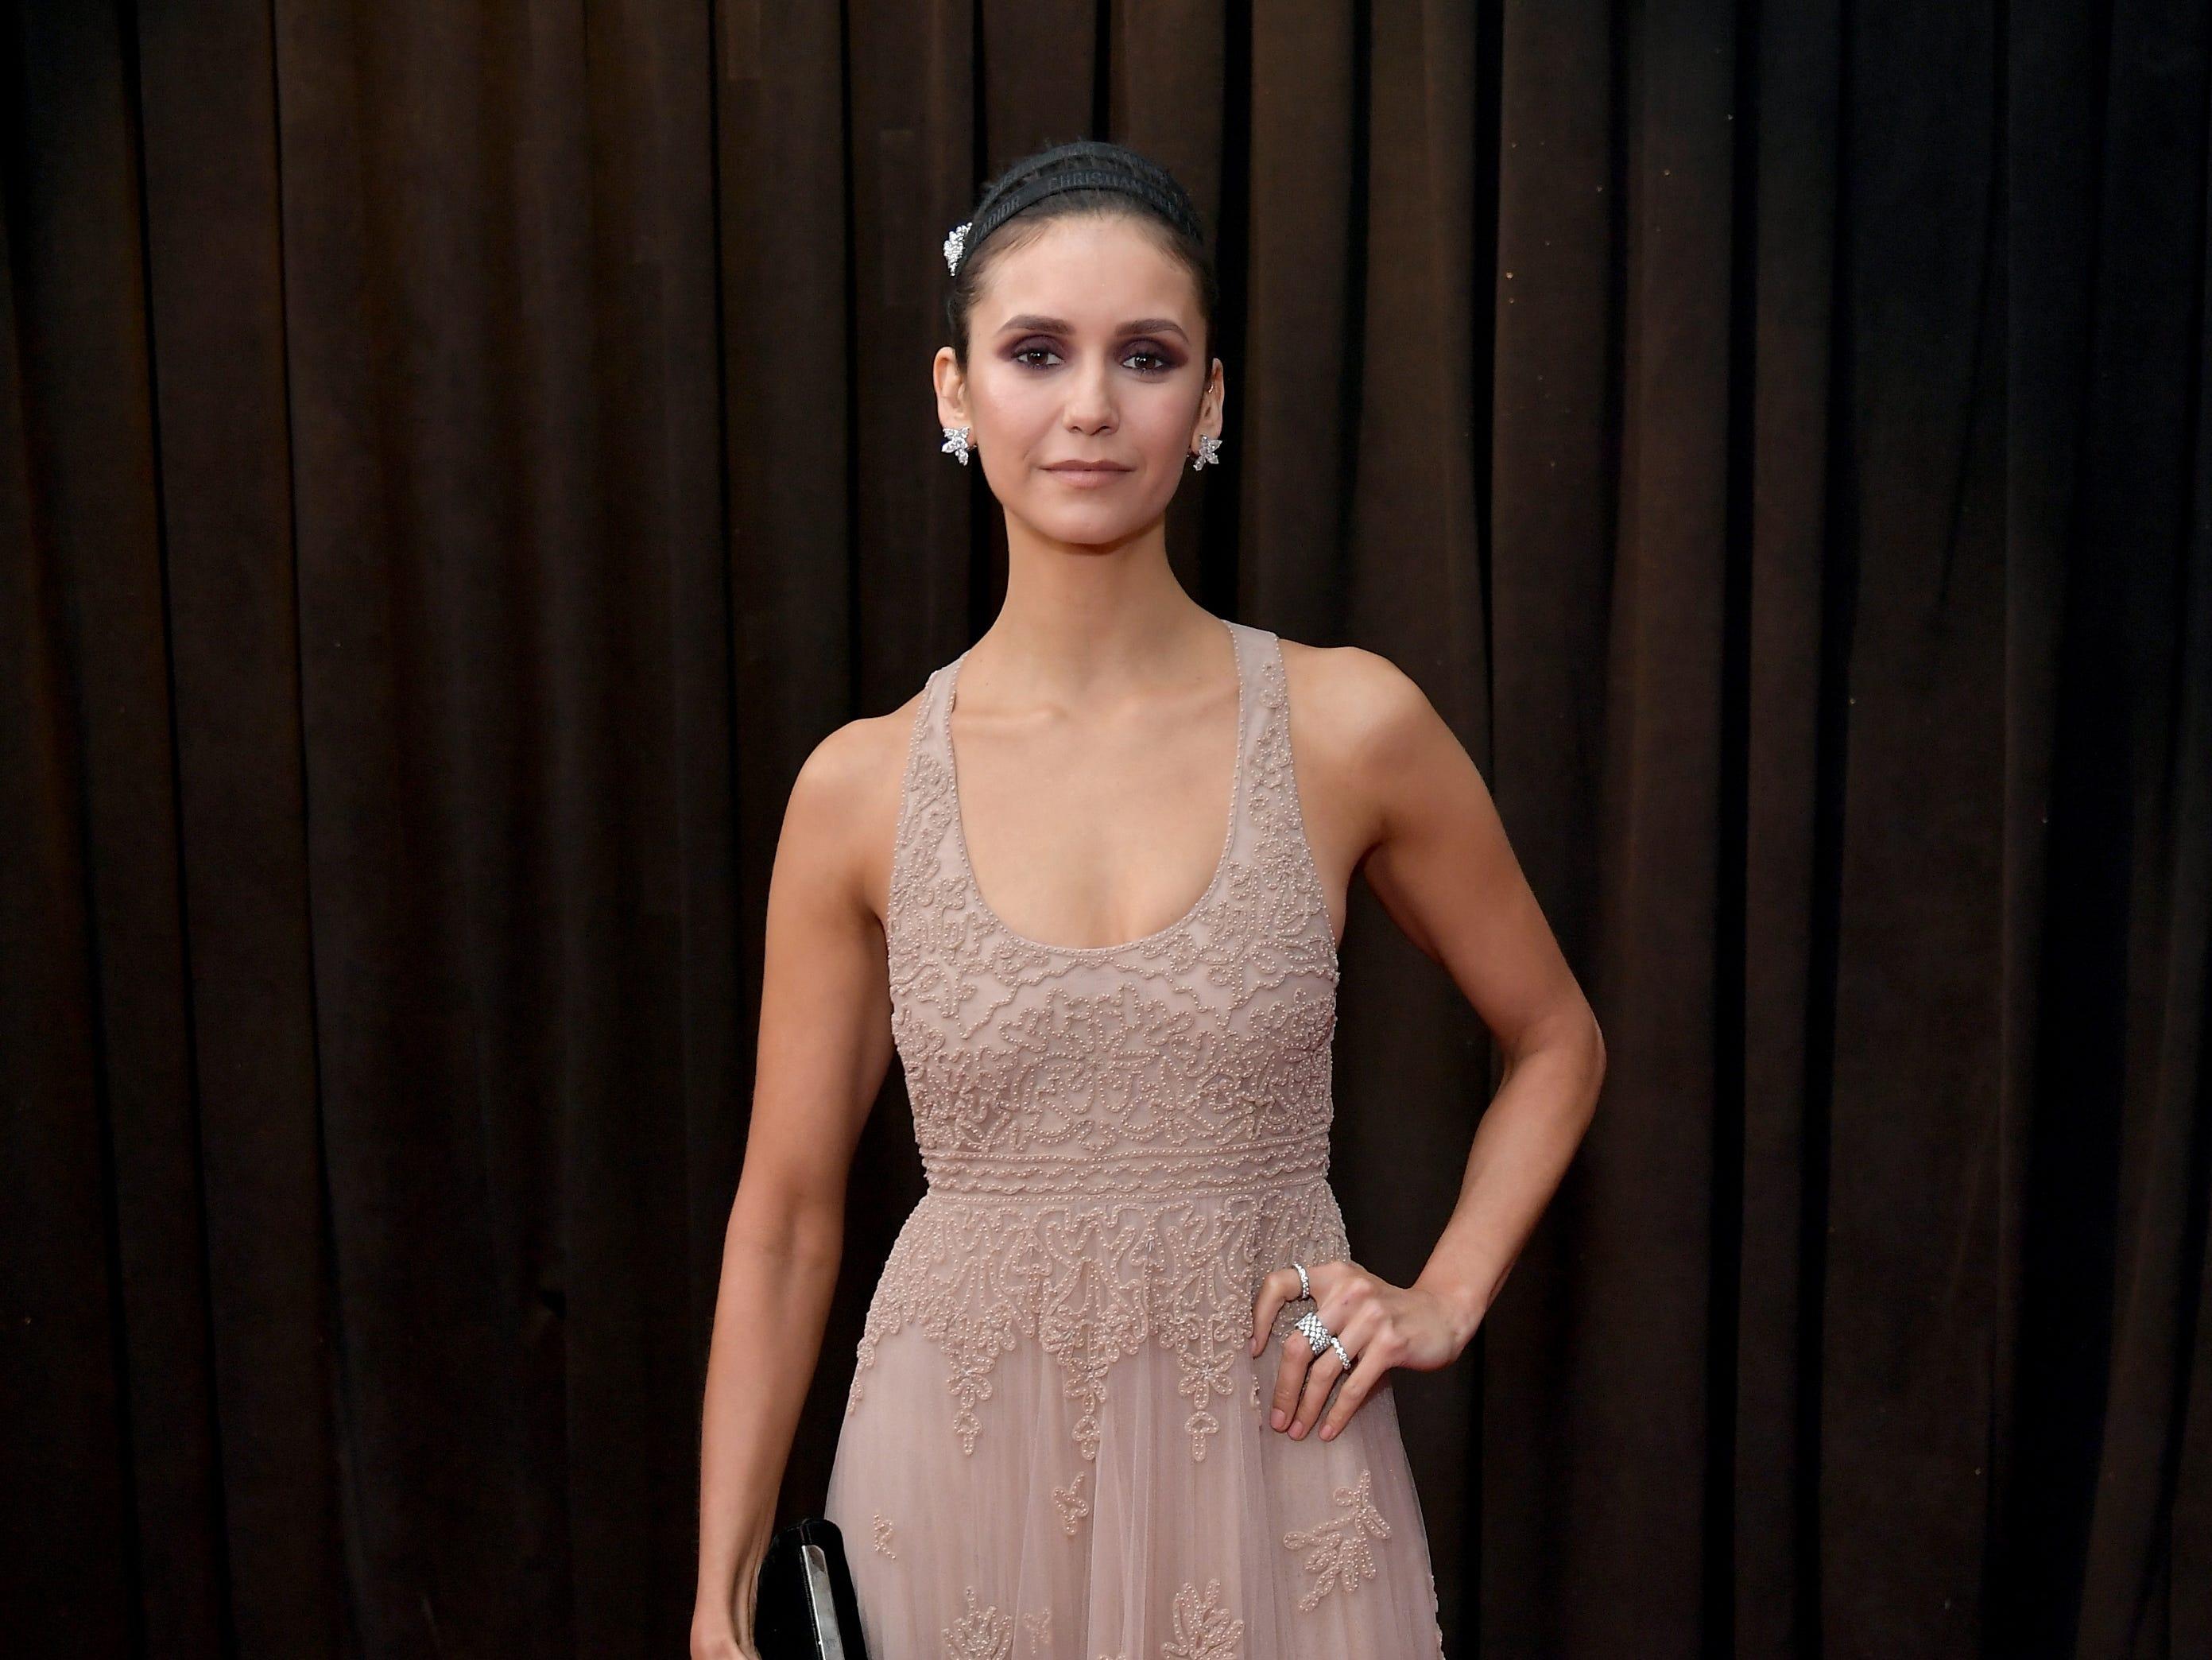 Nina Dobrev asiste a la 61ª edición de los premios GRAMMY en el Staples Center el 10 de febrero de 2019 en Los Ángeles, California.